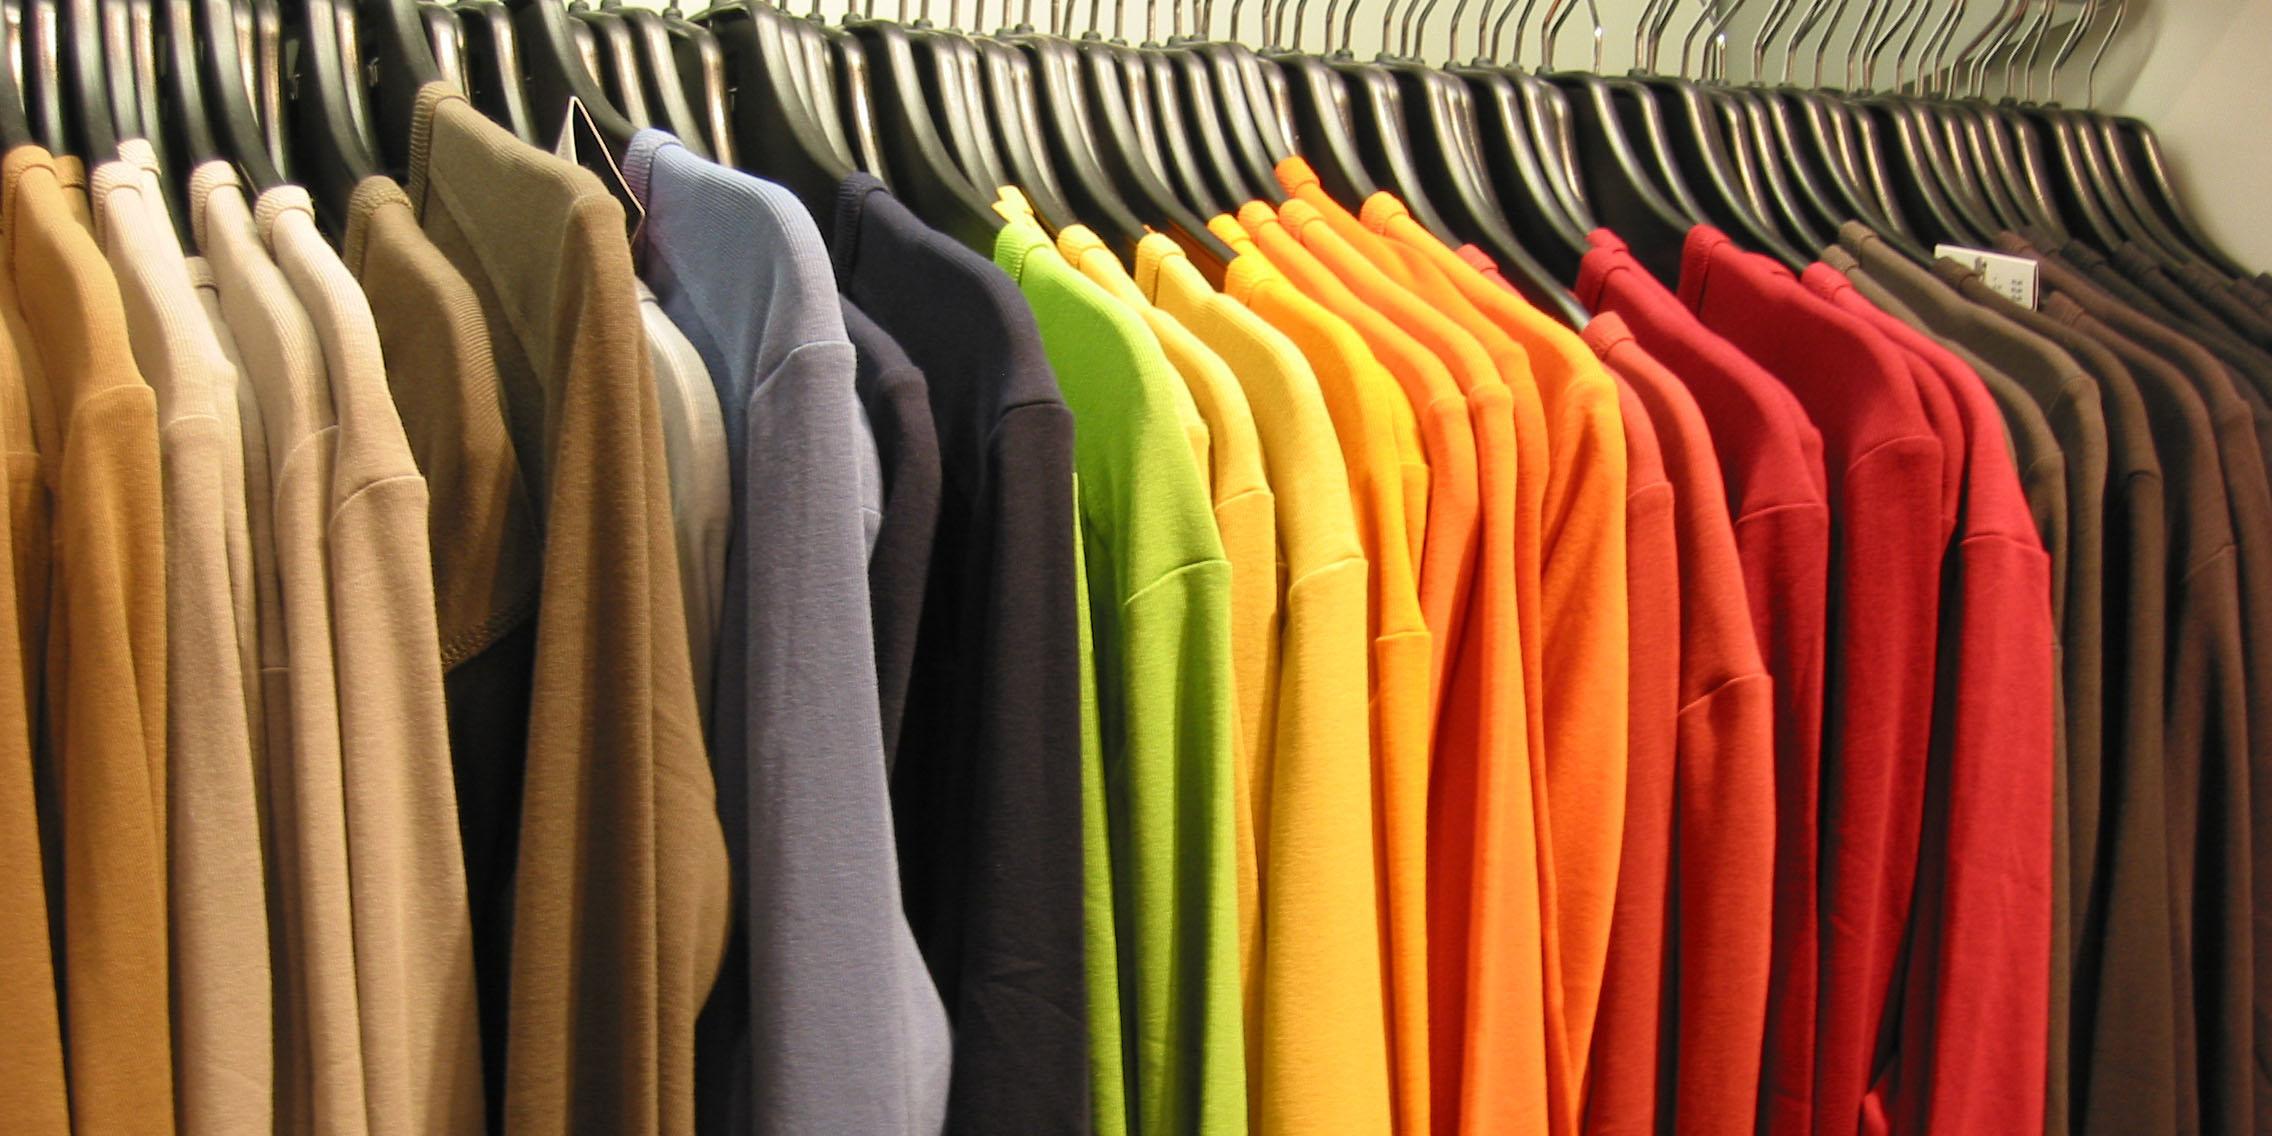 شروط ایران برای ورود برندهای پوشاک